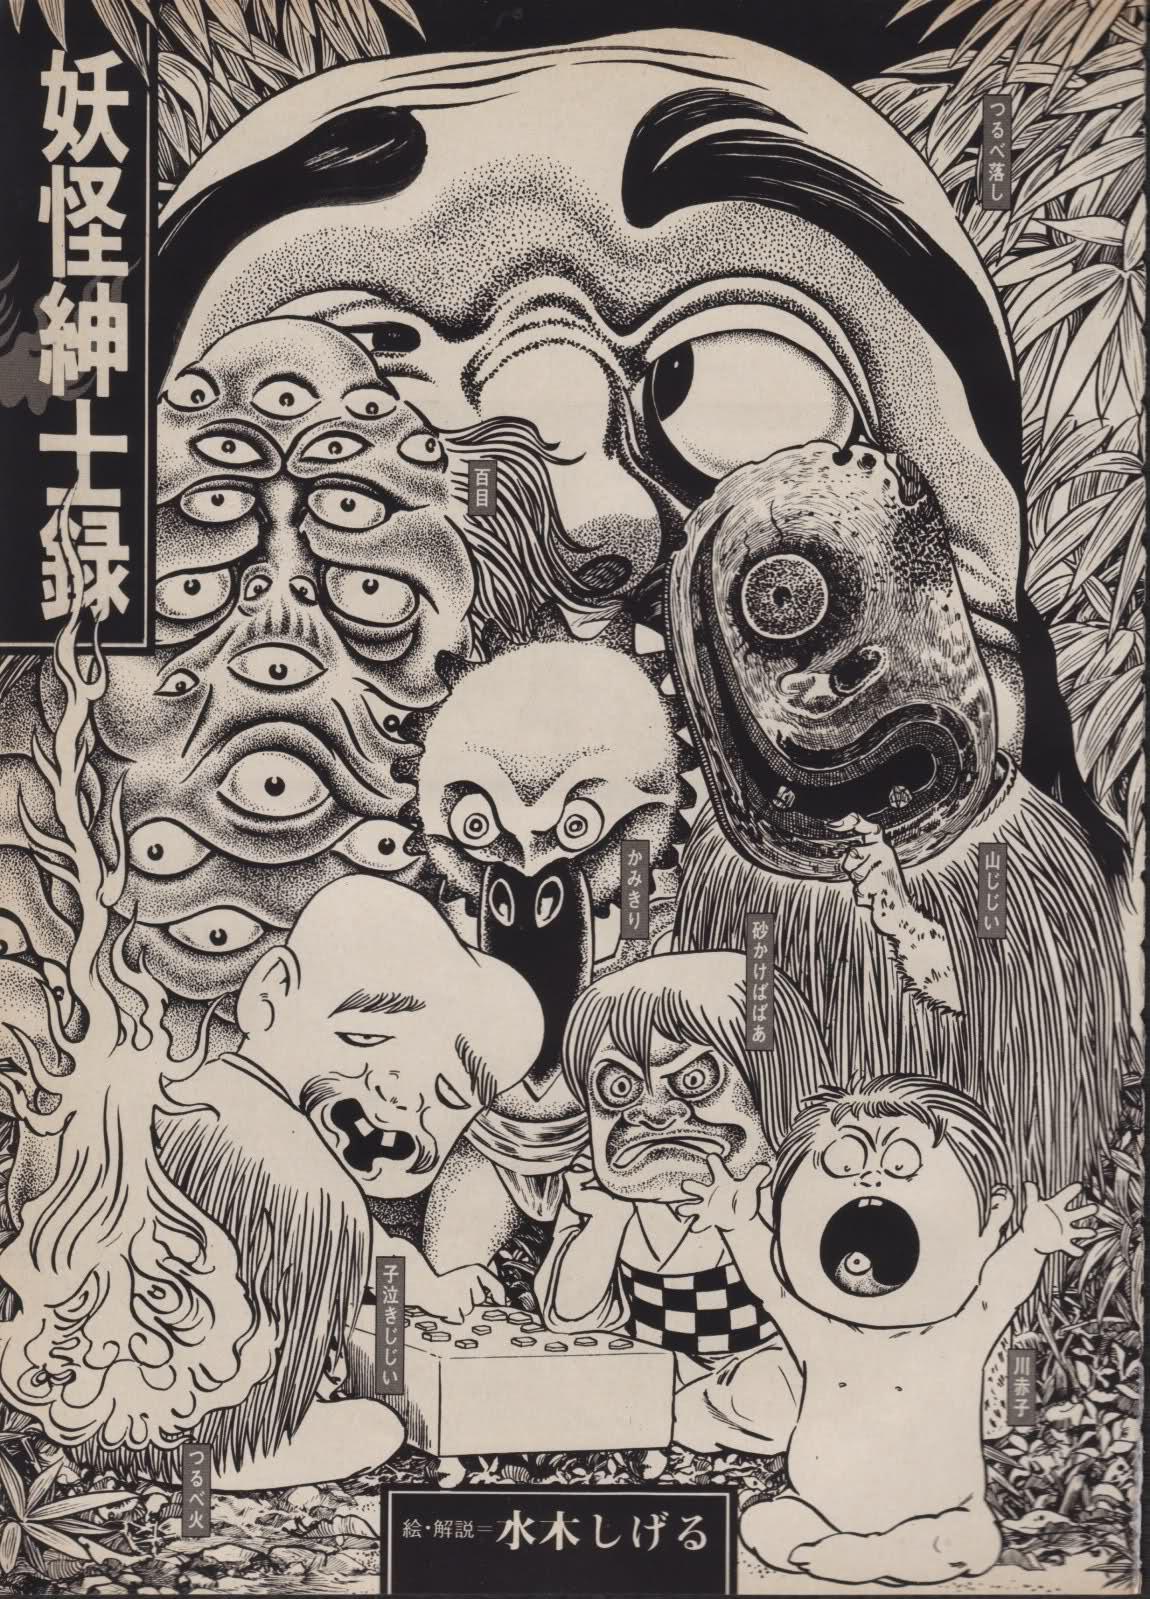 shigeru-mizuki-1.jpg